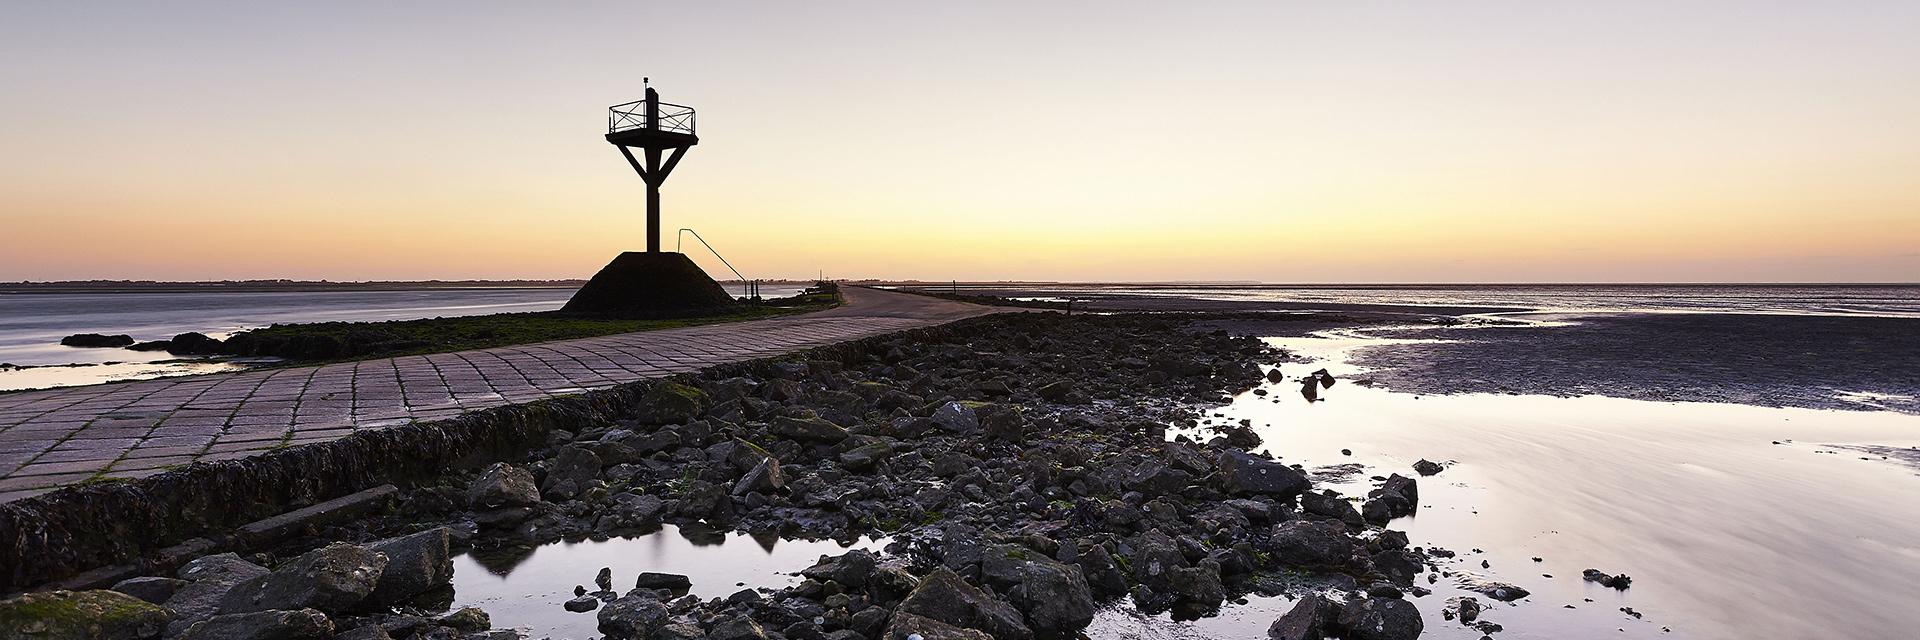 L'Île de Noirmoutier et les côtes Vendéennes - Koat Ar Mor